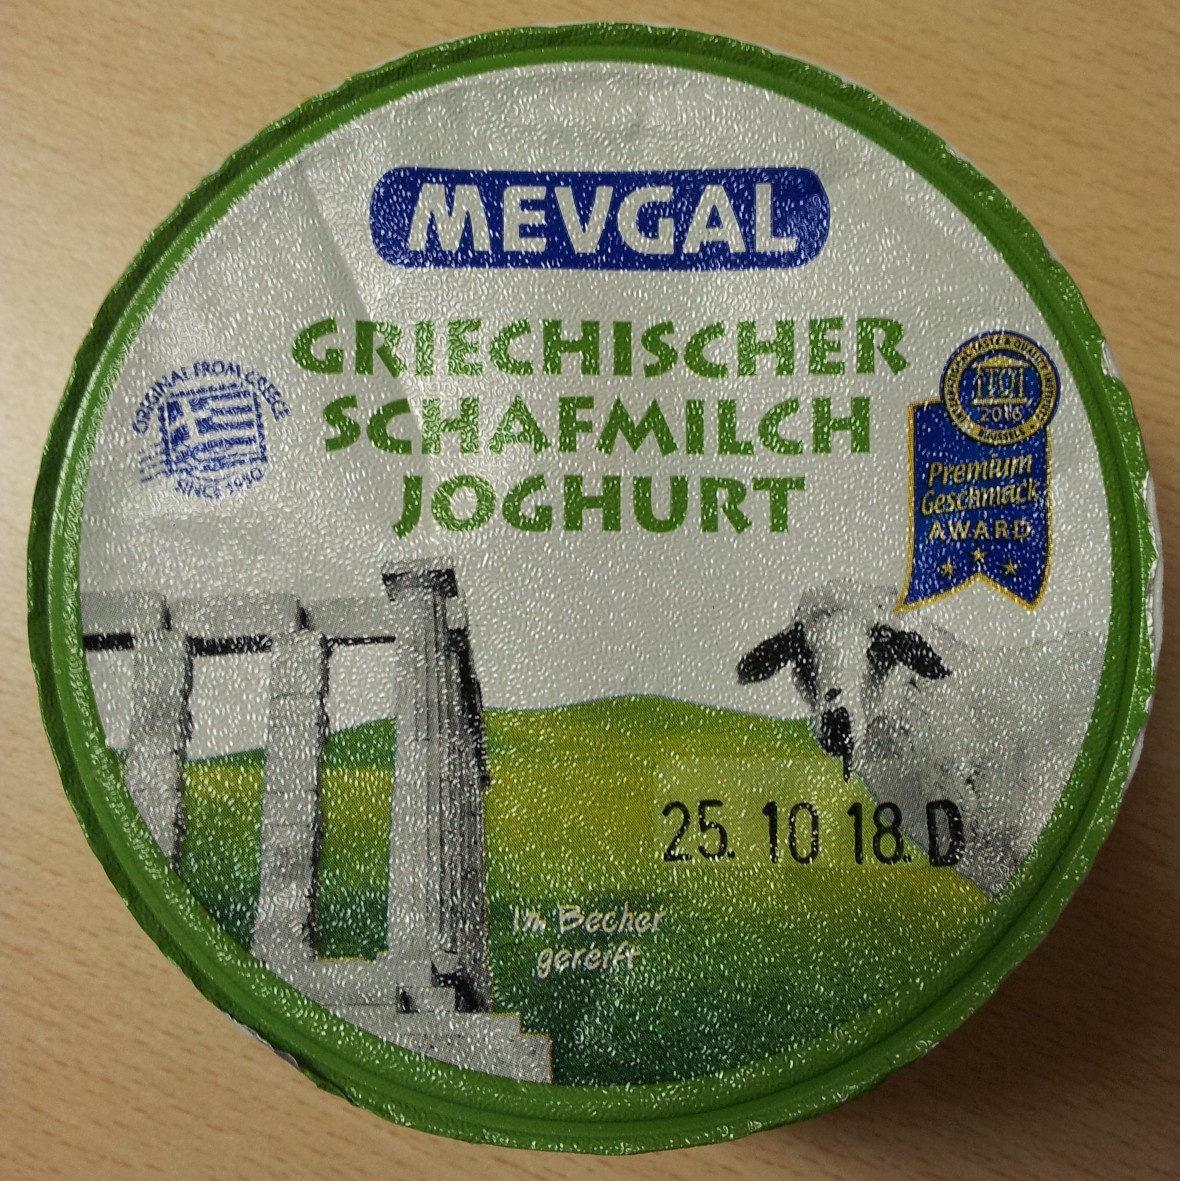 Griechischer schafmilch joghurt - Produkt - de